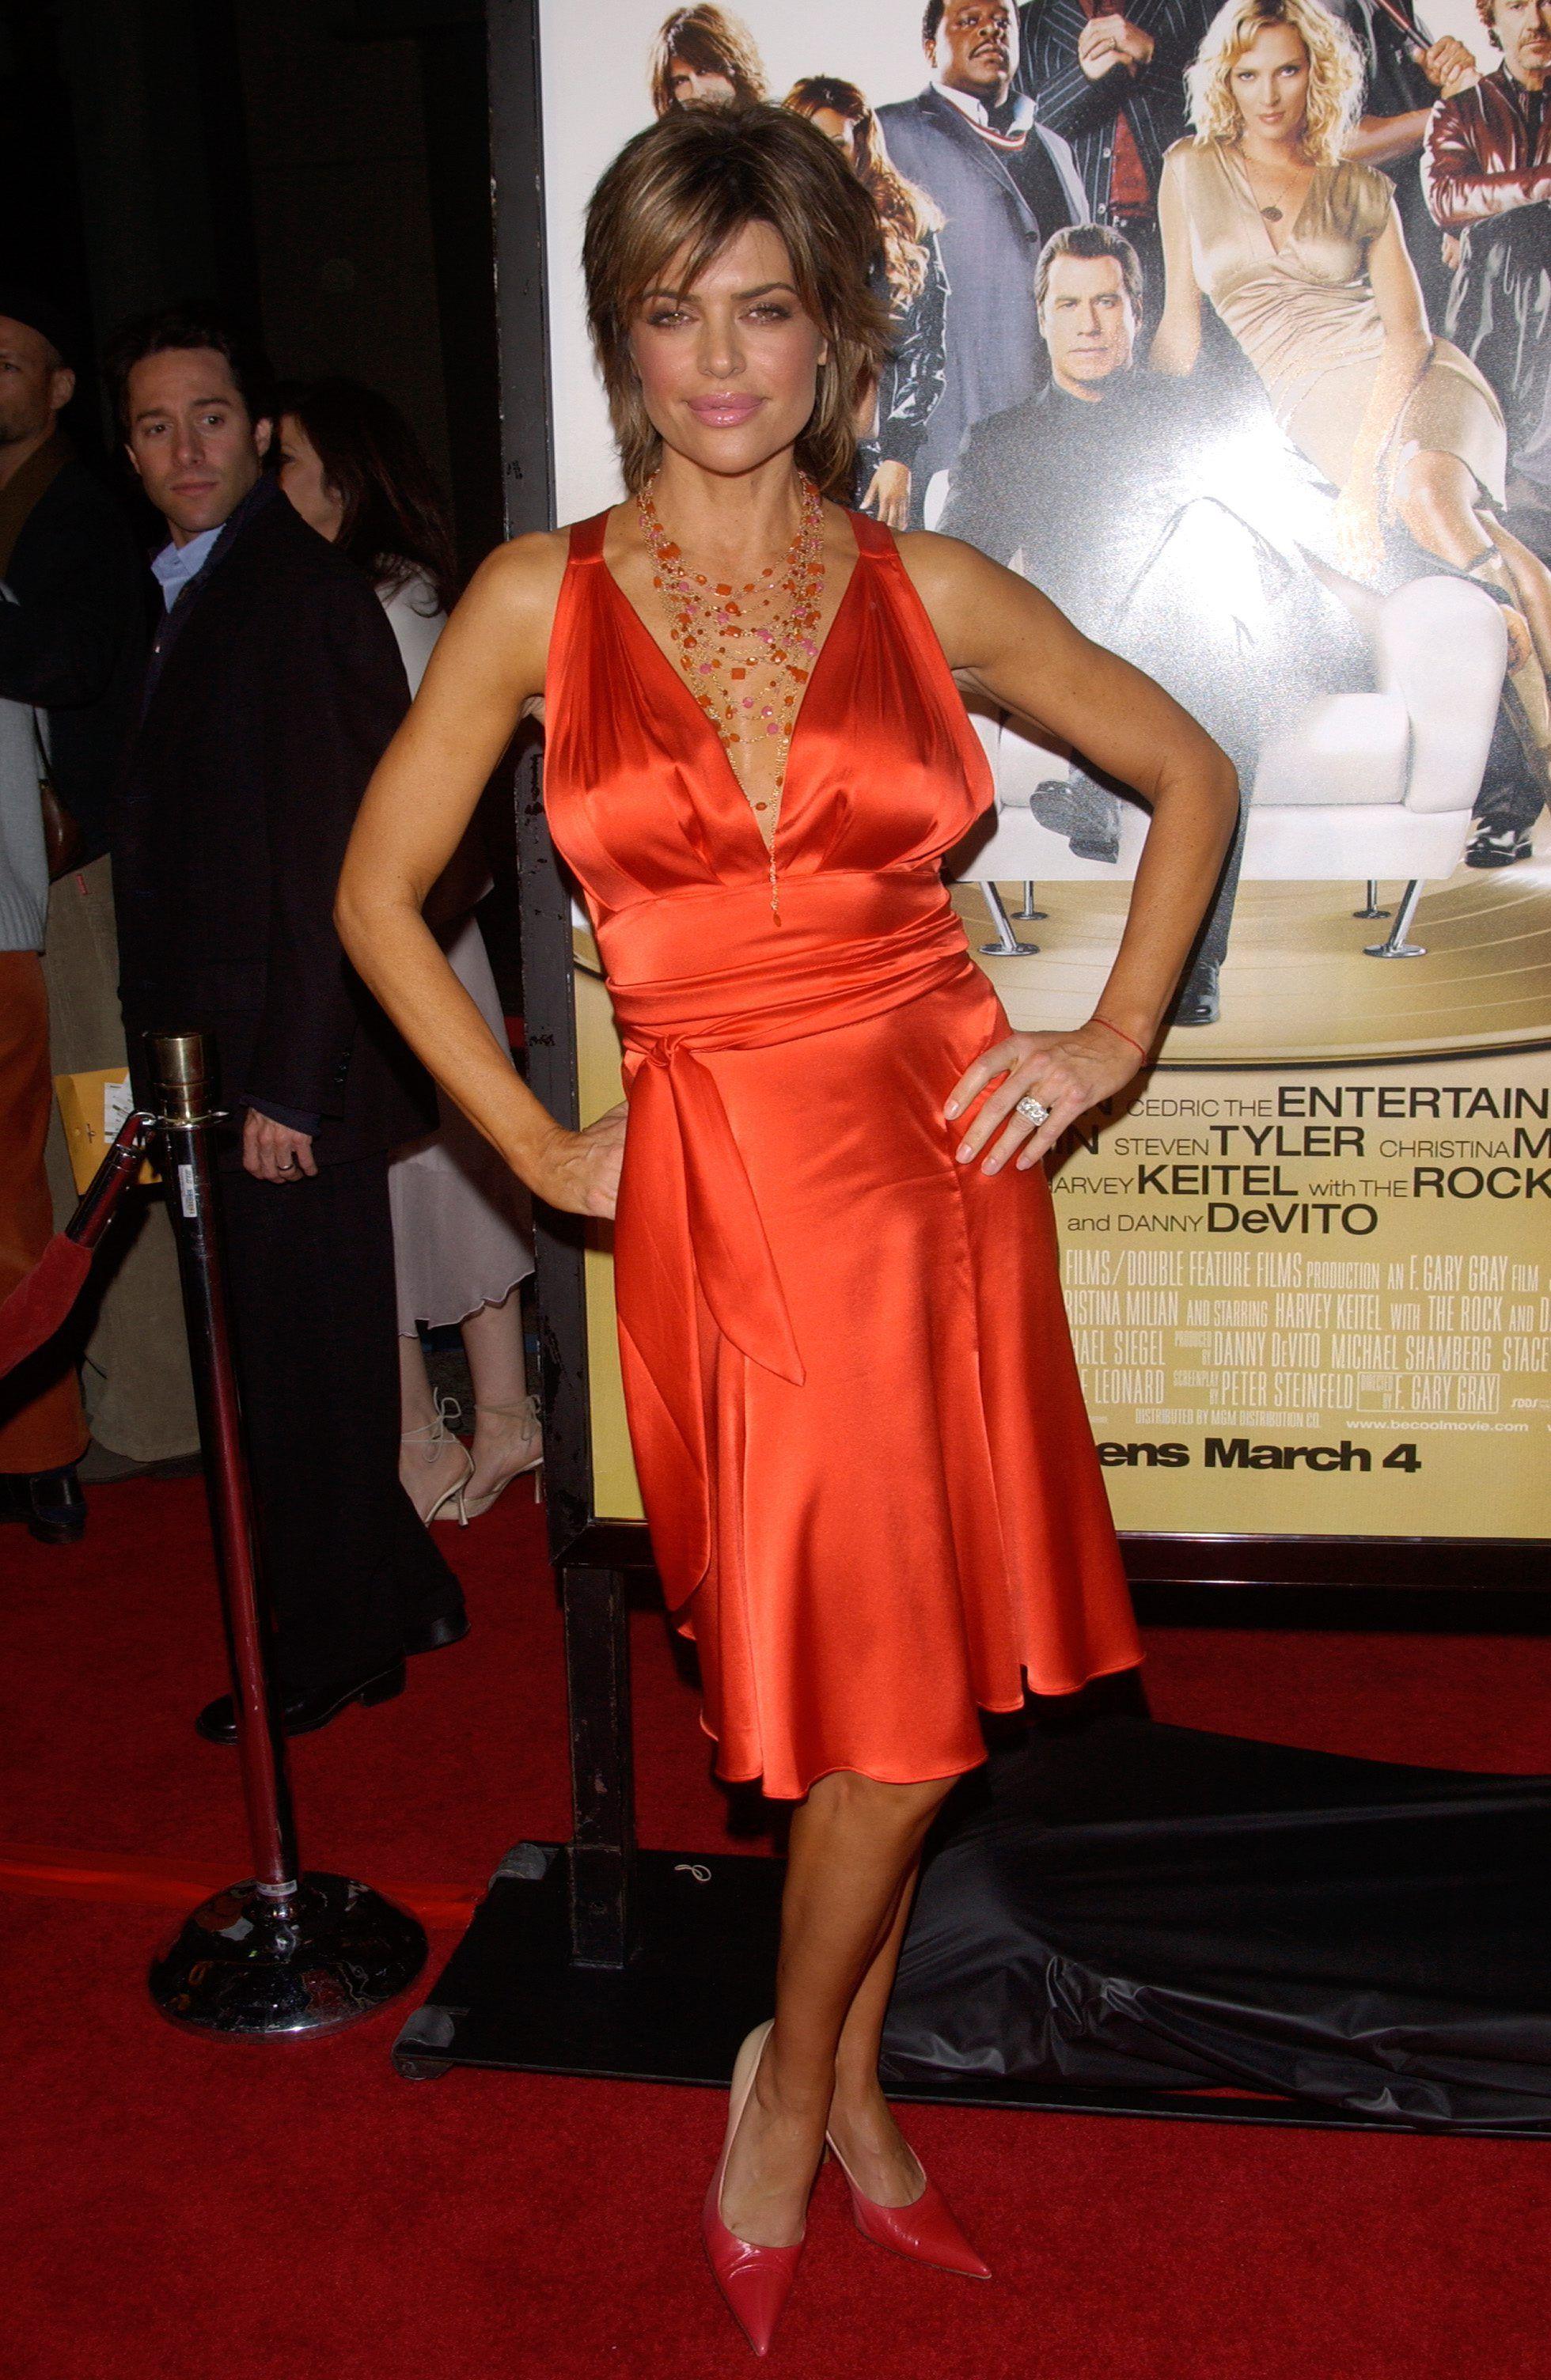 lisa rinna | red shoes - célébrités présentatrices chaussures rouges